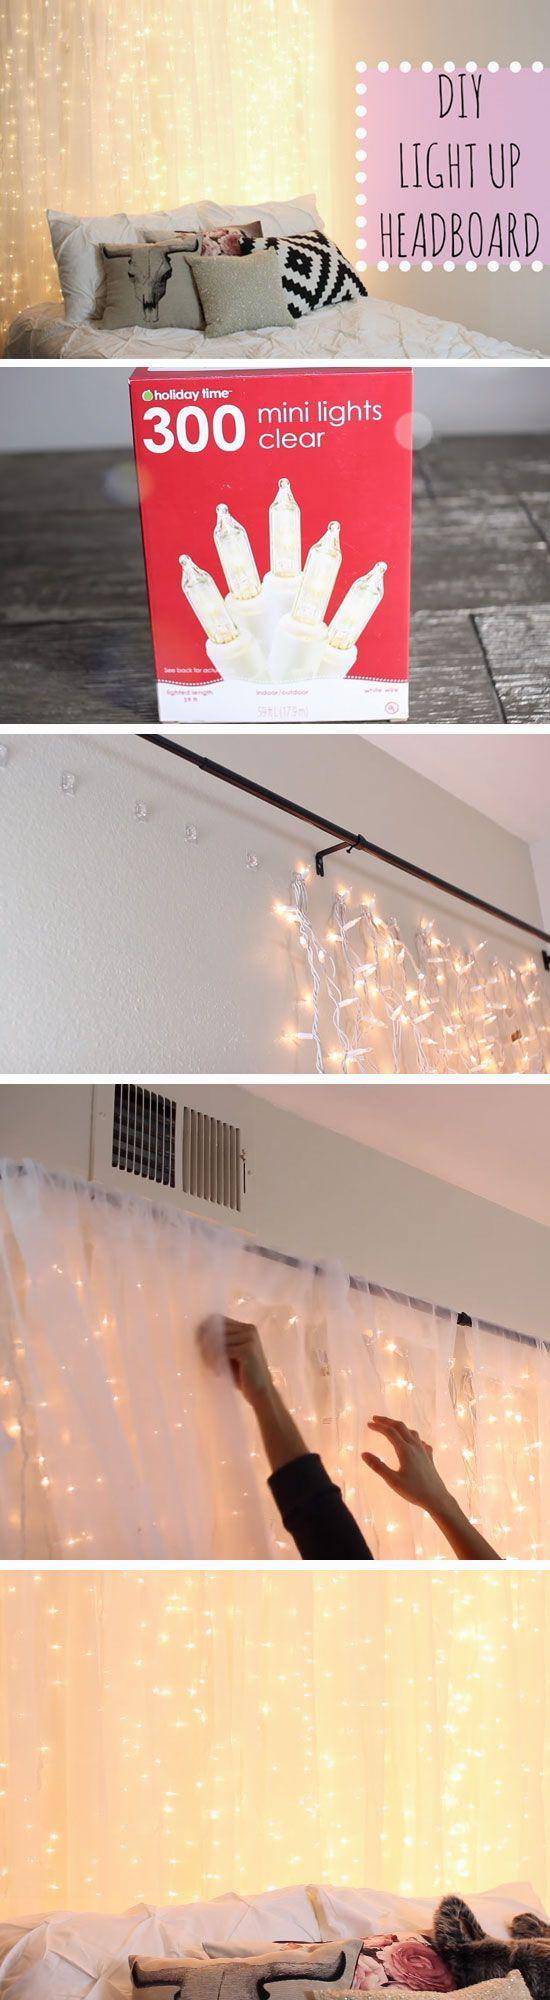 bedroom diy. diy light up headboard bedroom diy